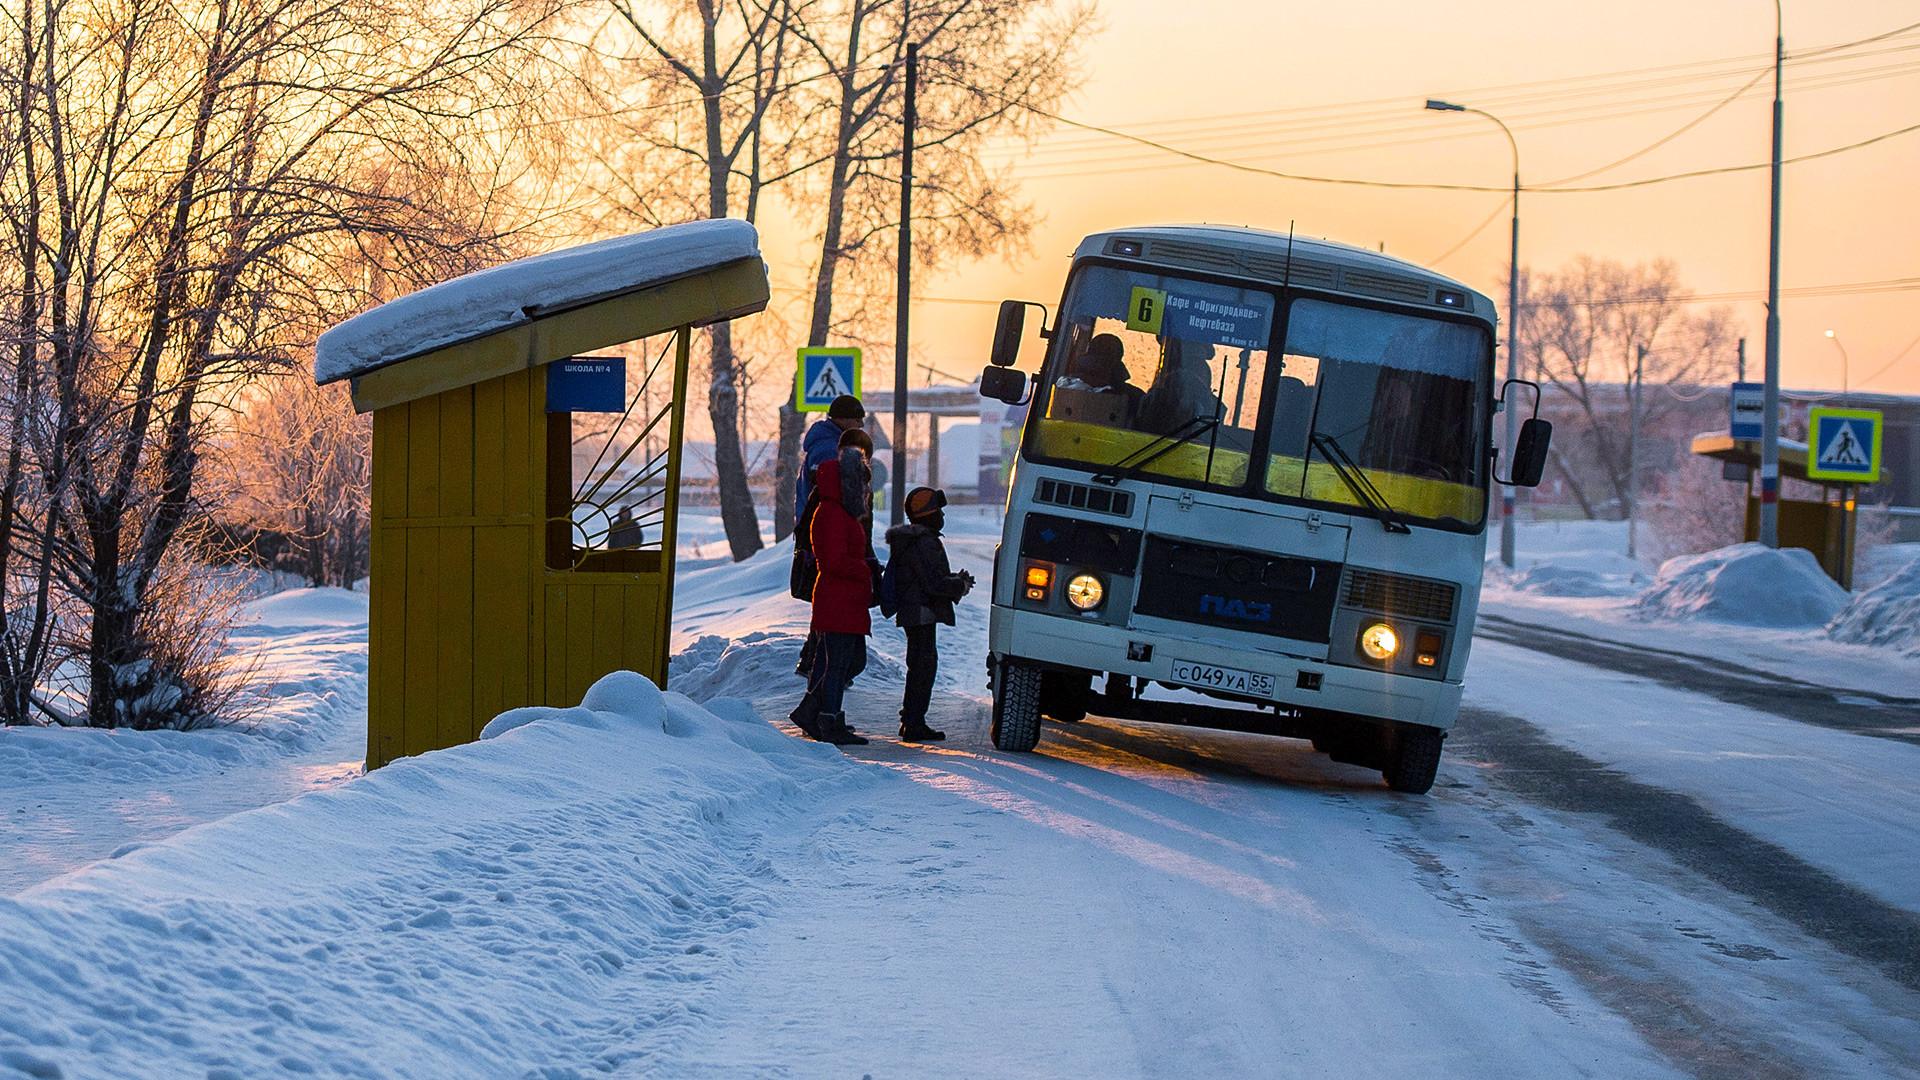 Setelah berkendara melewati empat halte bus, yang sempat Vanya katakan kepada Natalya adalah dia bersekolah di sekolah setempat, tinggal bersama ibunya, dan ayahnya telah meninggal.